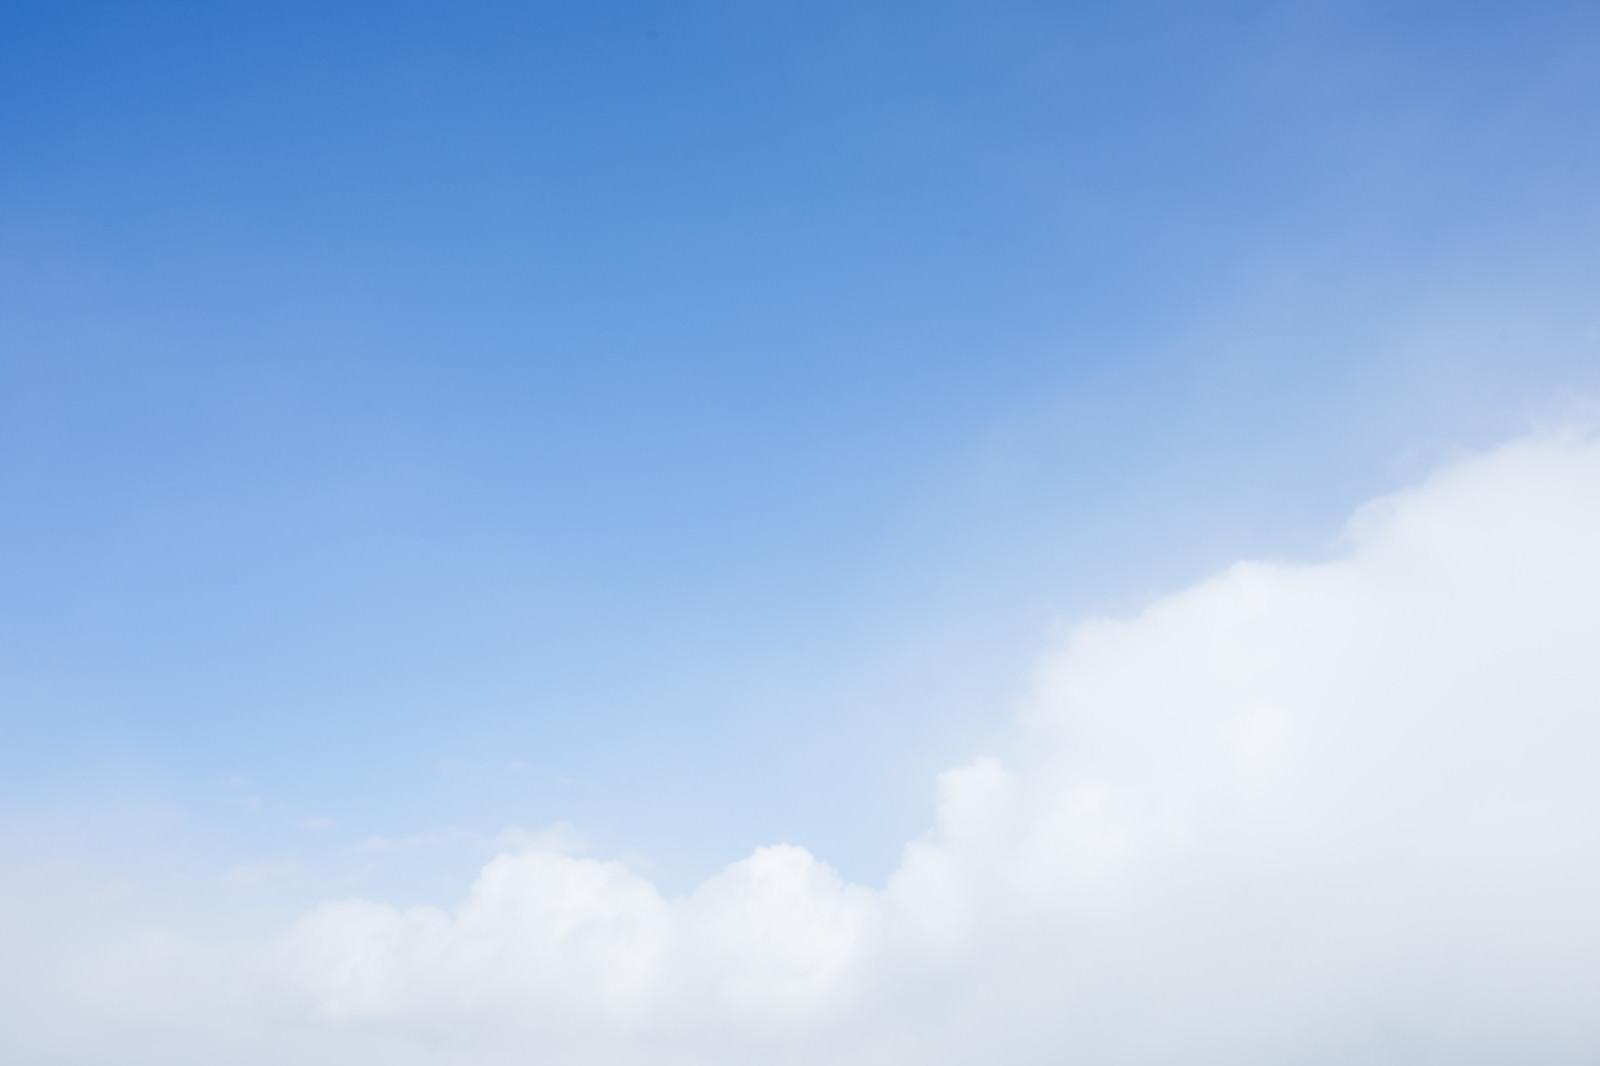 「もこもこ雲と青い空もこもこ雲と青い空」のフリー写真素材を拡大